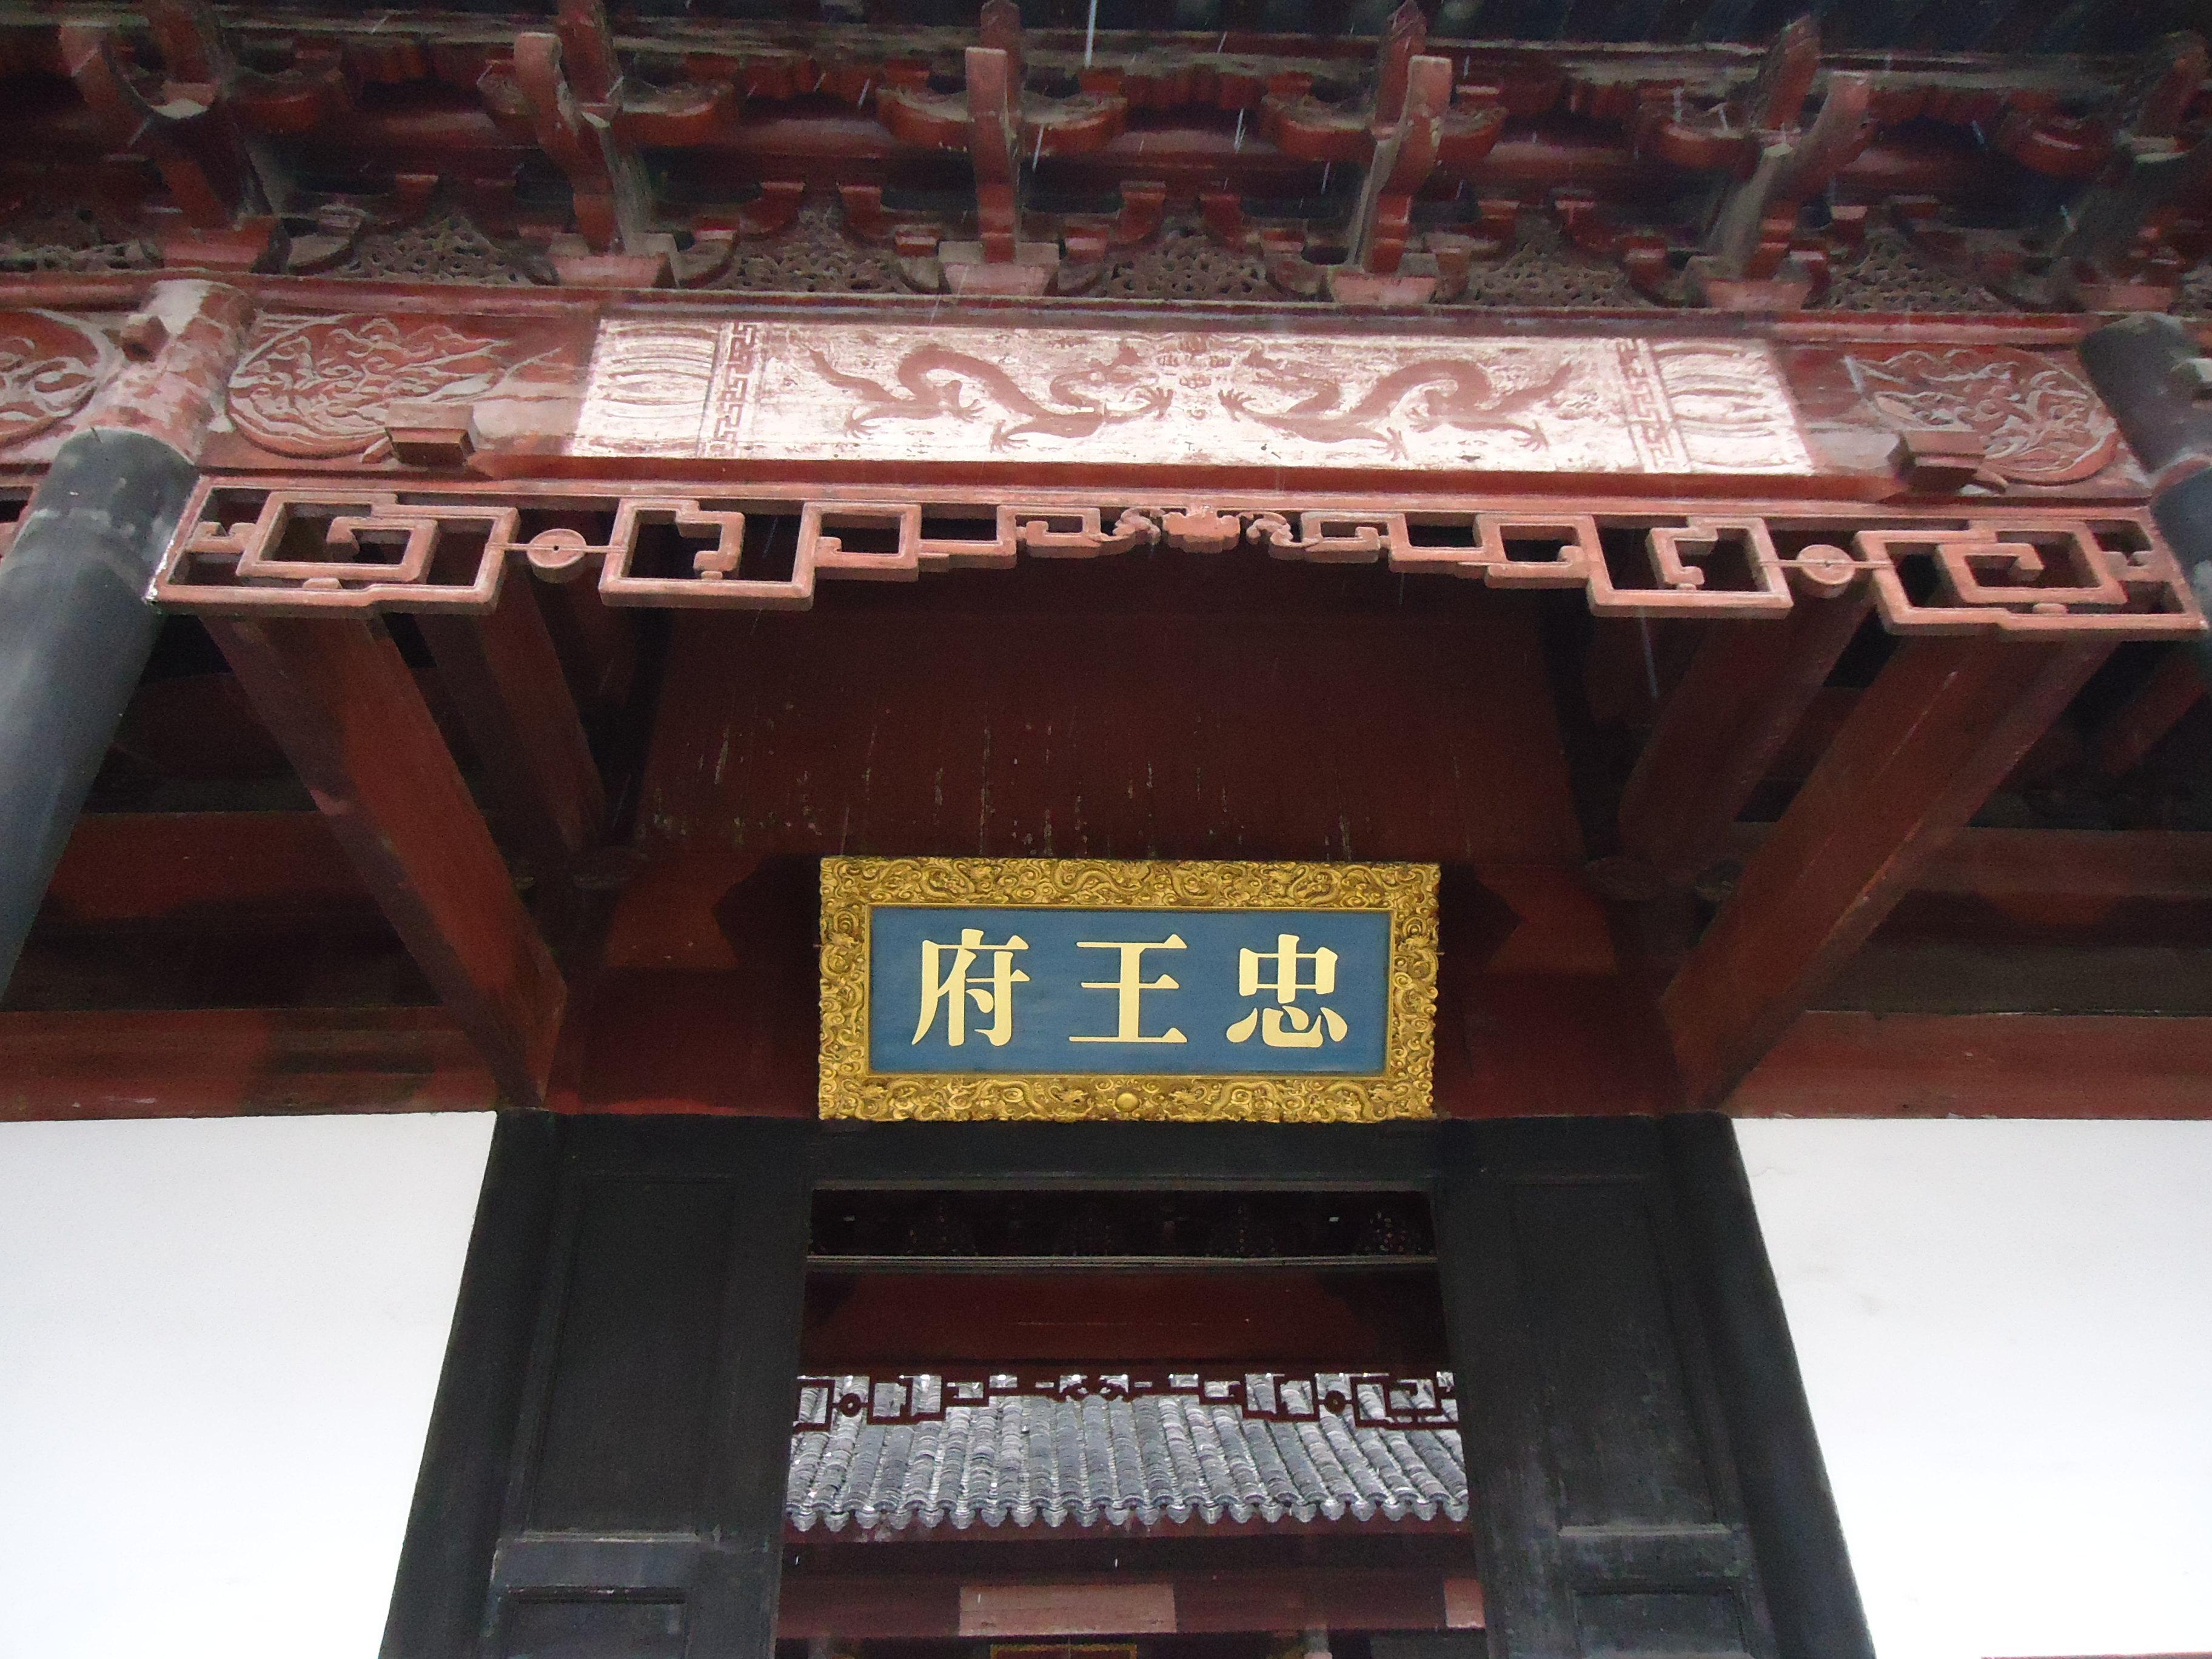 """苏州博物馆:太平天国最后希望,曾国藩将他""""先斩后奏"""",其府邸如今车水马龙-"""